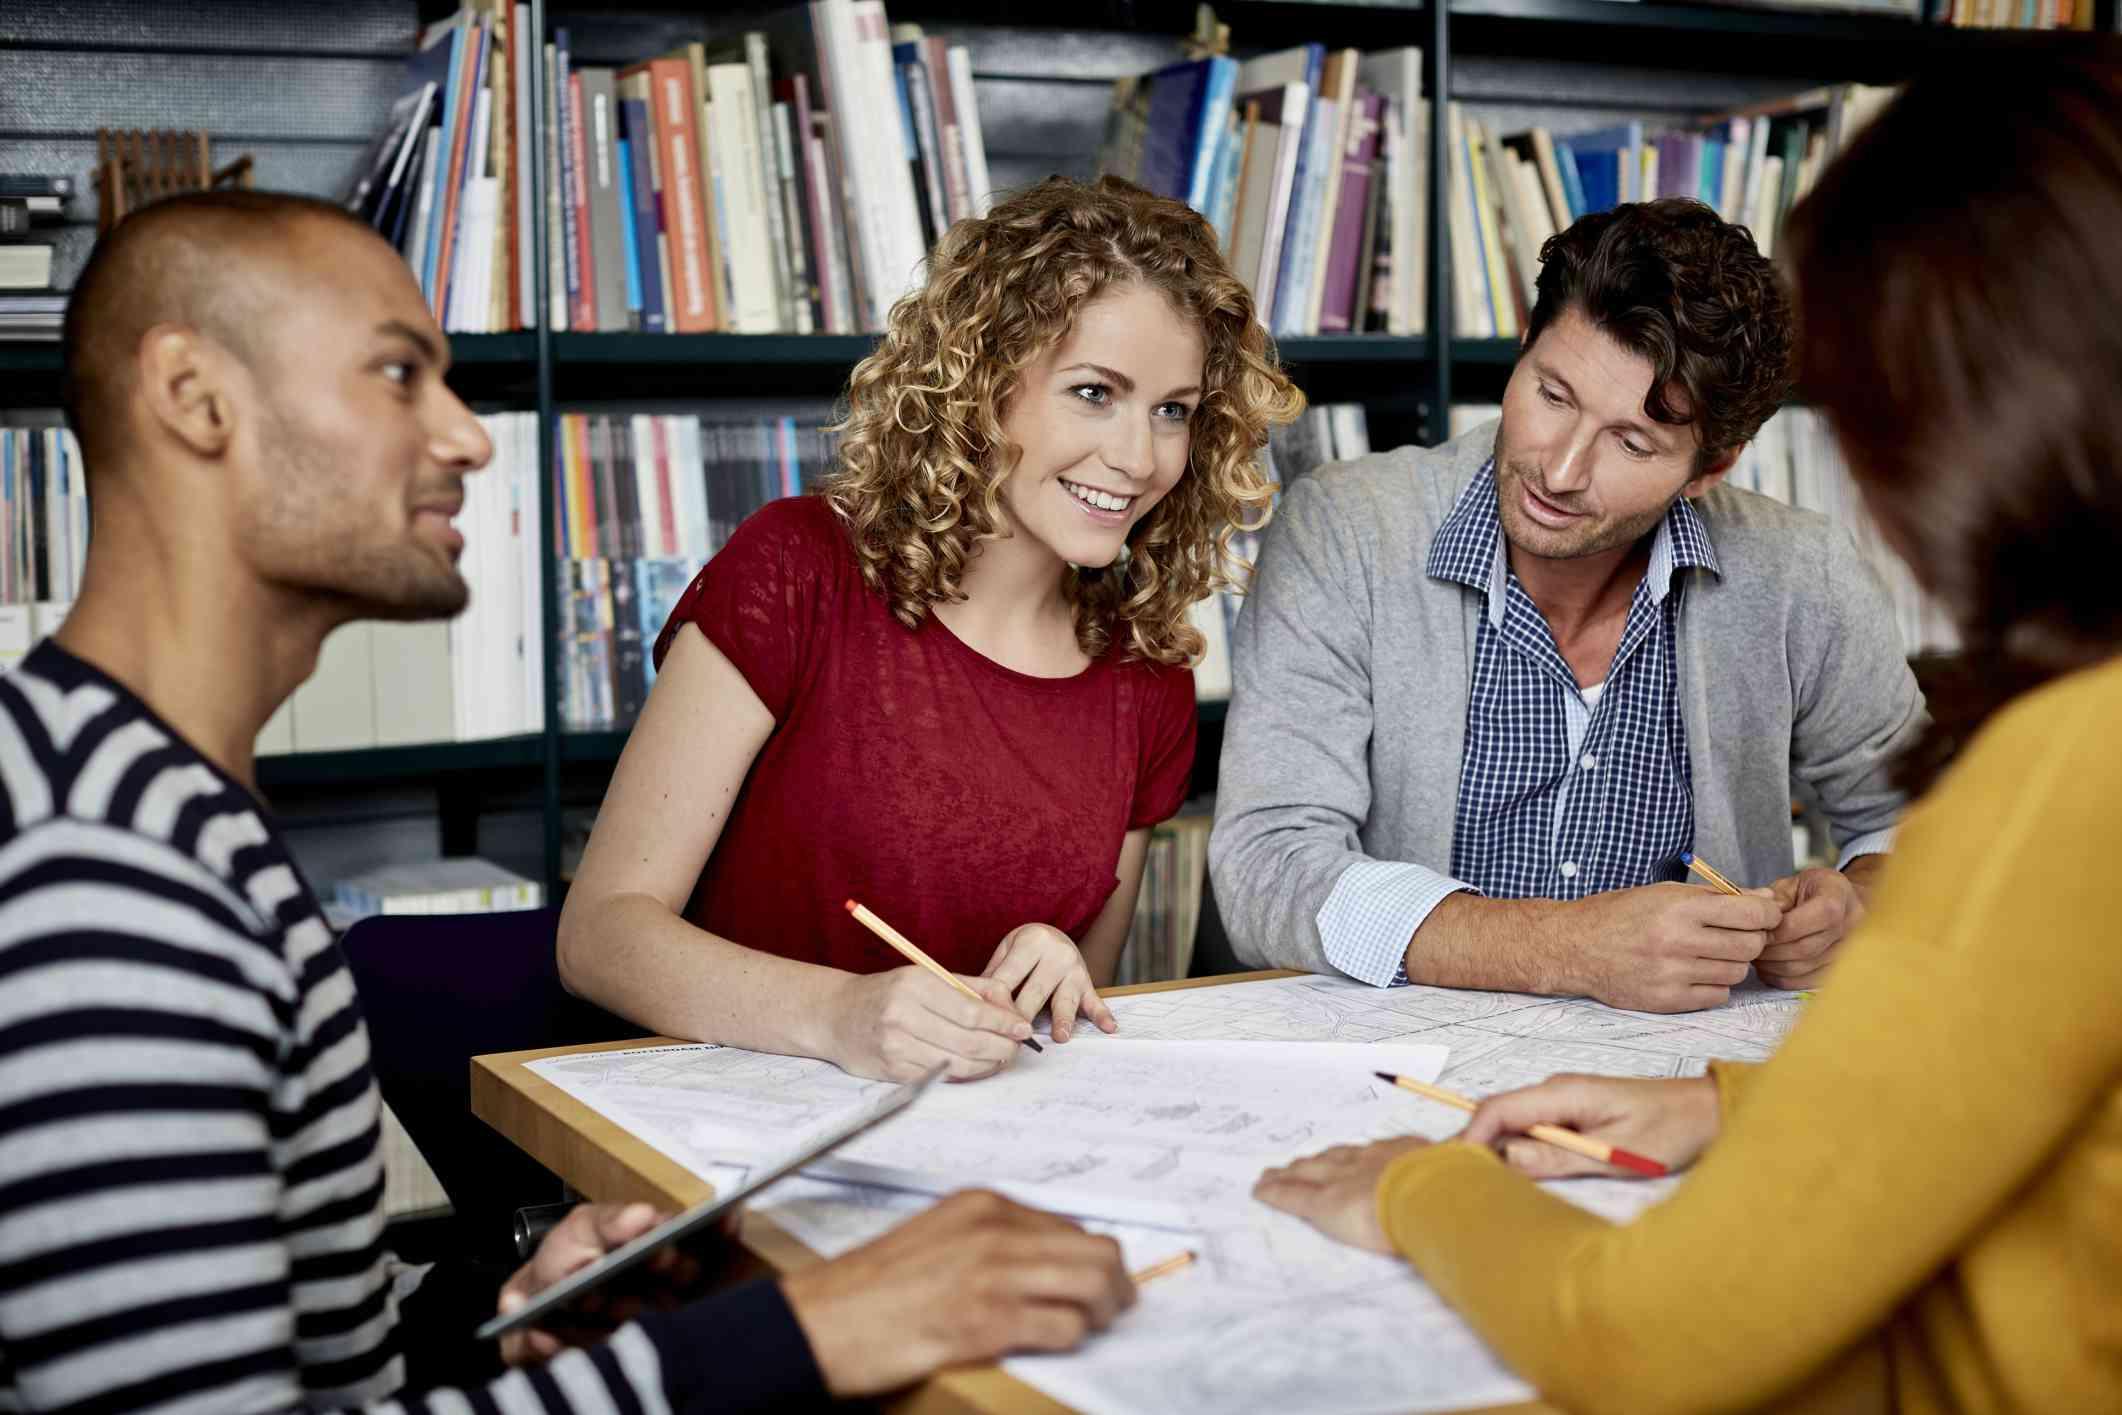 Compañeros de trabajo sentado en una mesa discutiendo bocetos dibujados a lápiz.